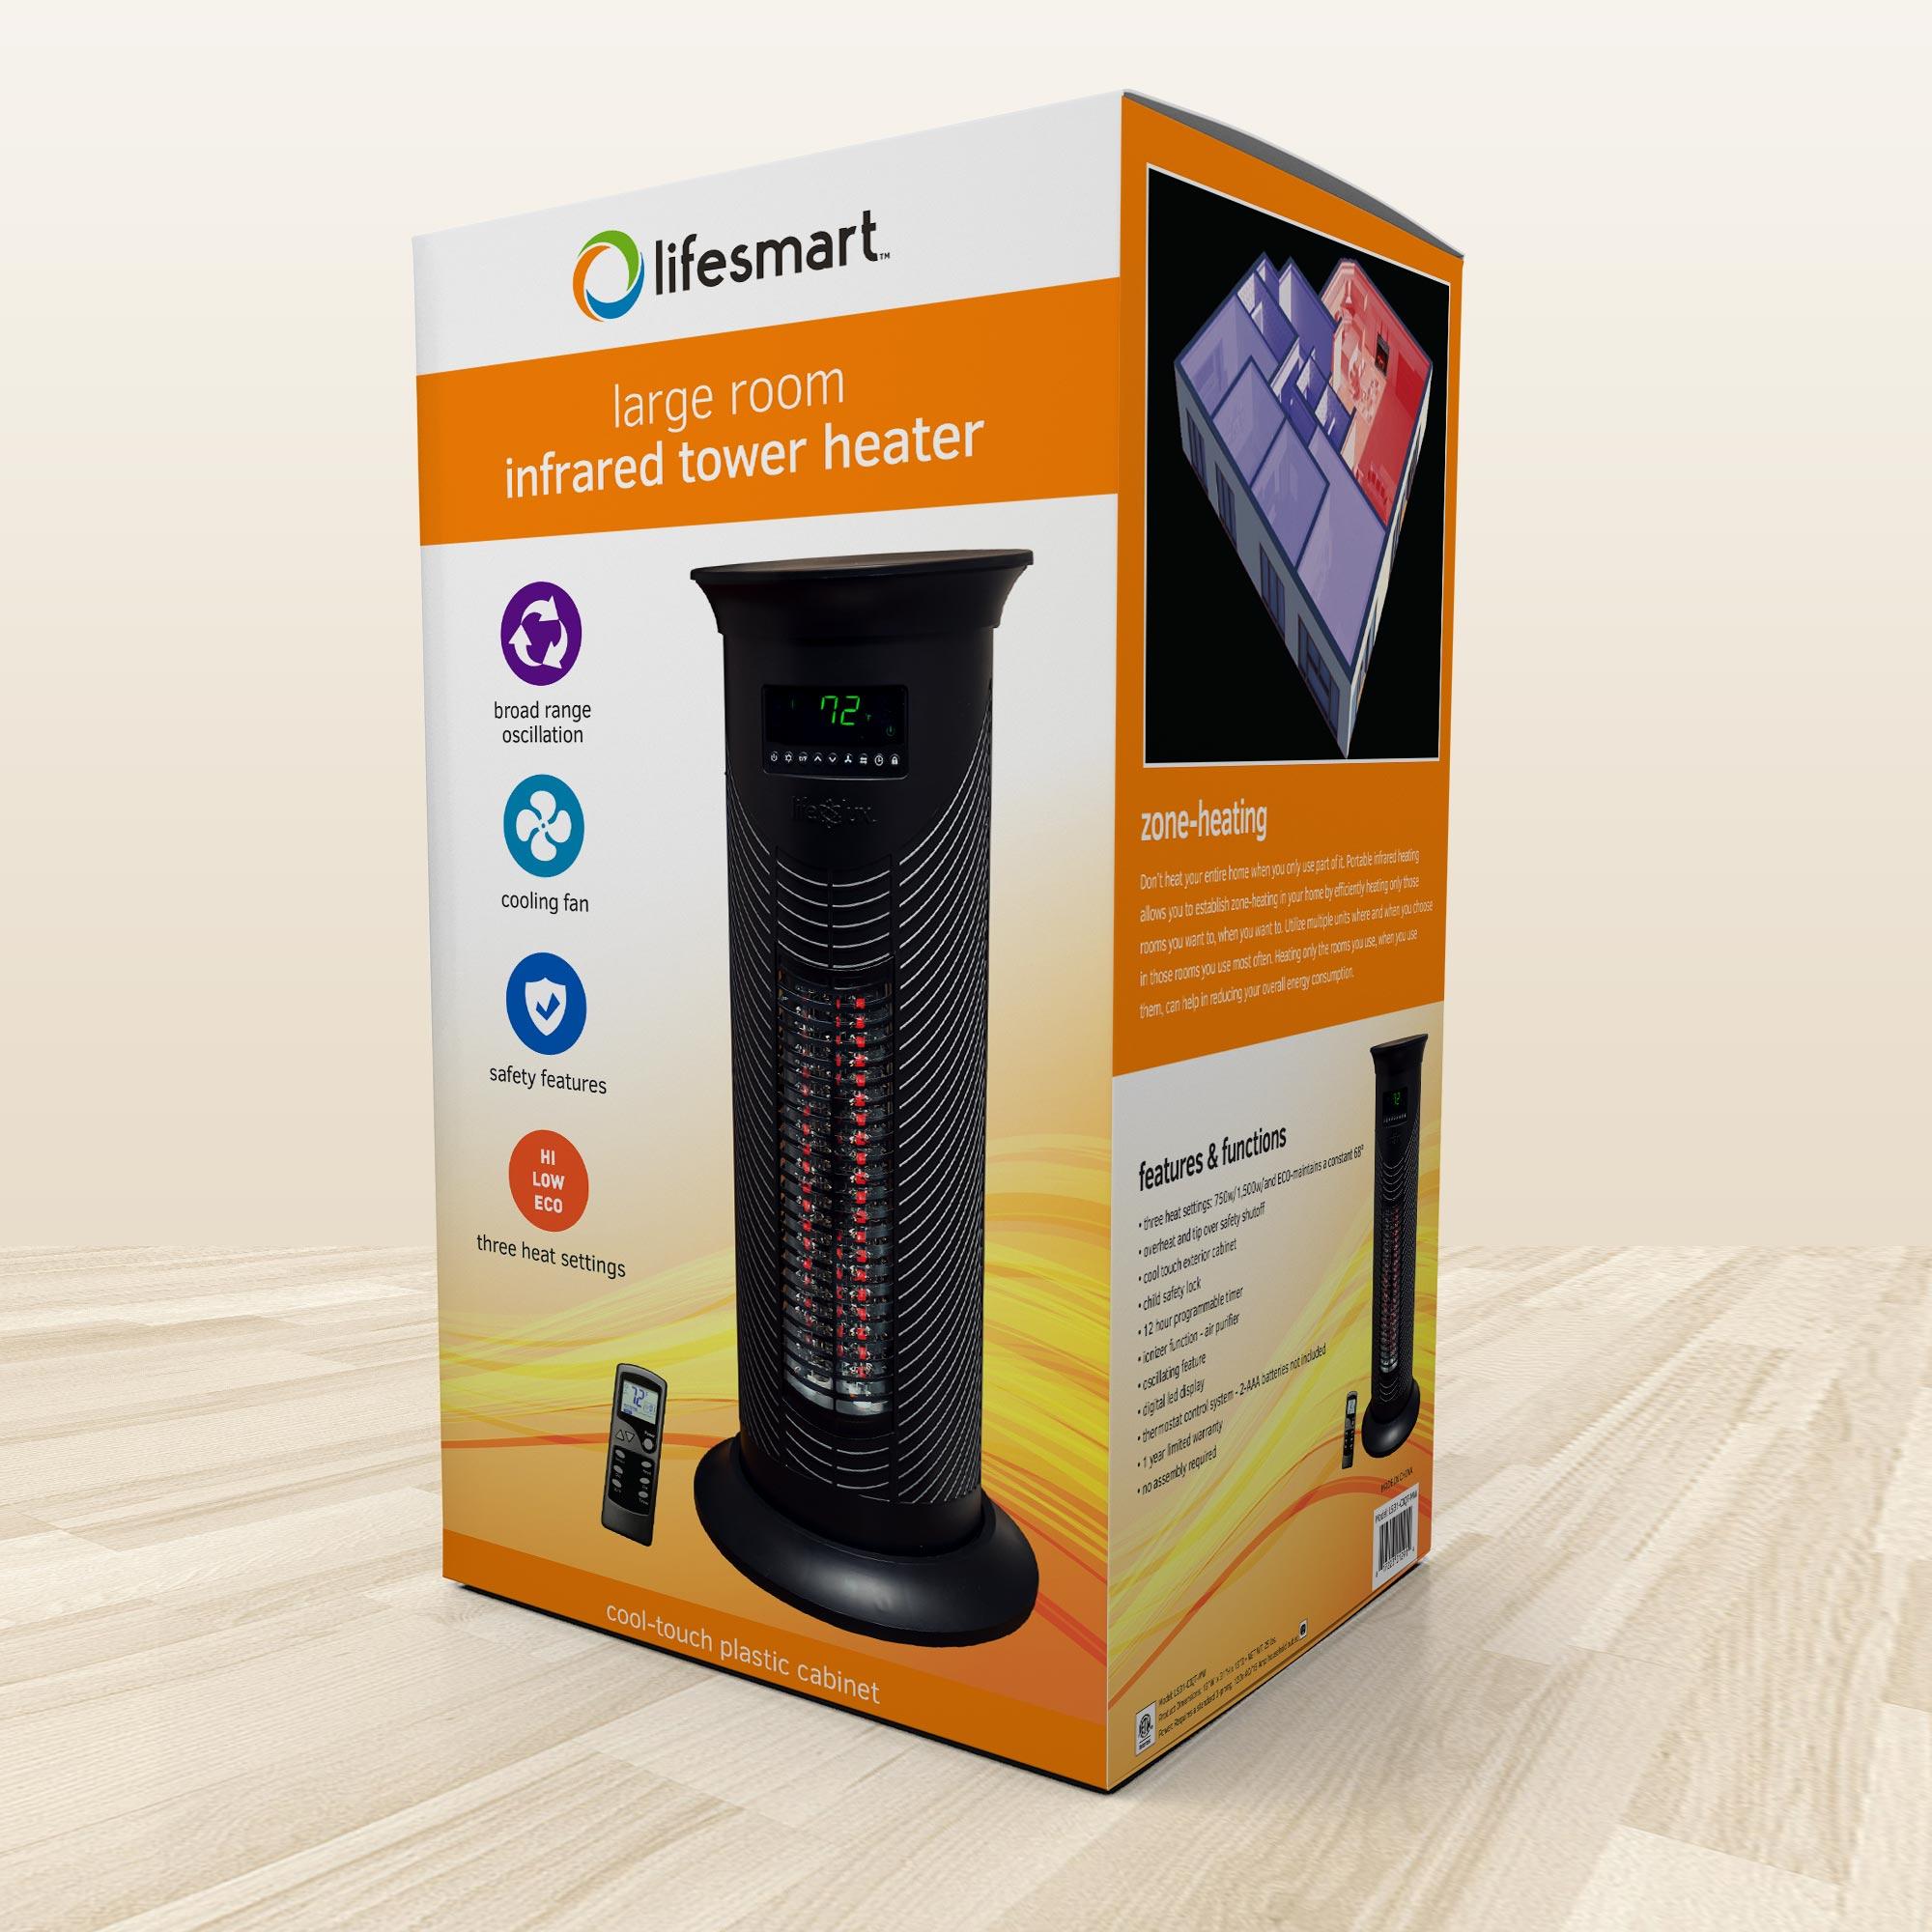 lifesmart_heater_large.jpg